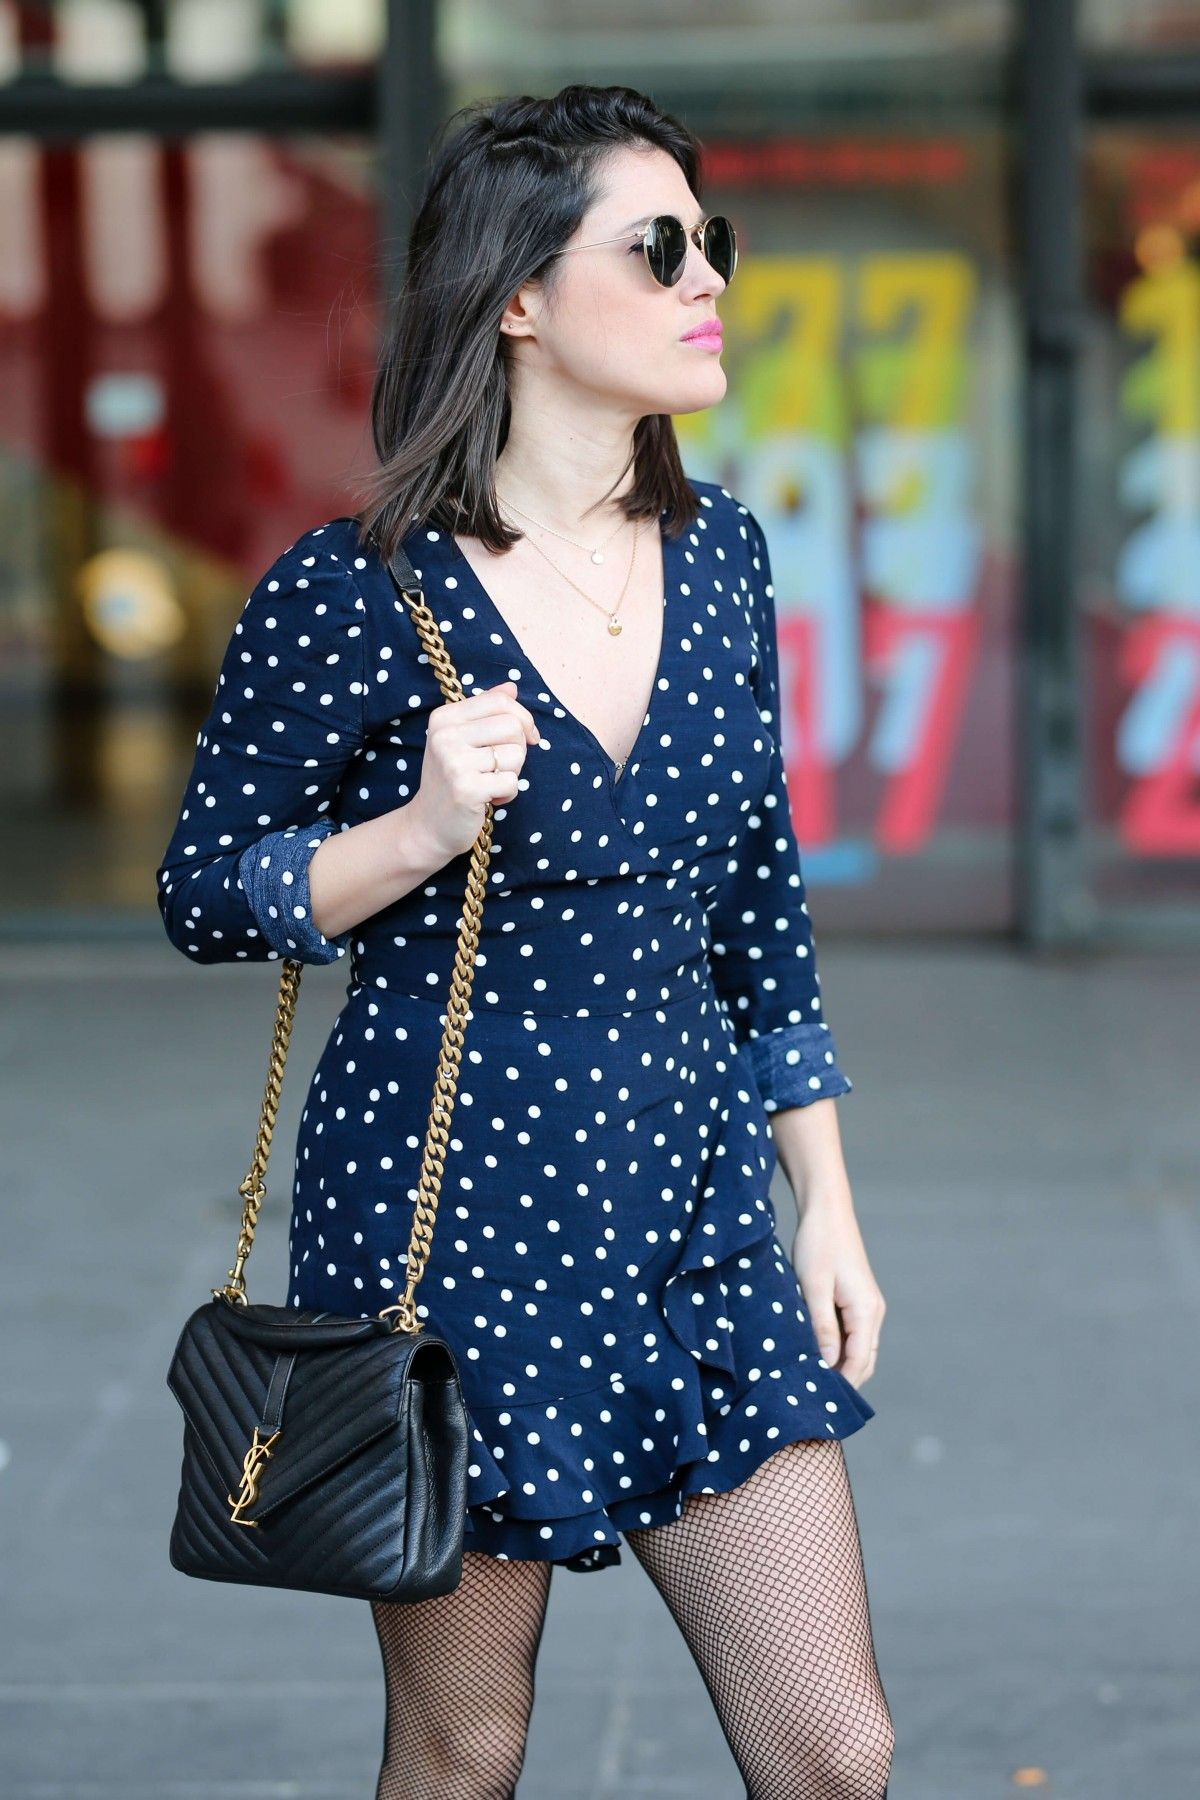 Combinaison à pois Zara sac Yves Saint Laurent L'atelier d'al blog mode lifestyle street style Paris #polkadot #cachecoeur #saintlaurent #bag #rayban